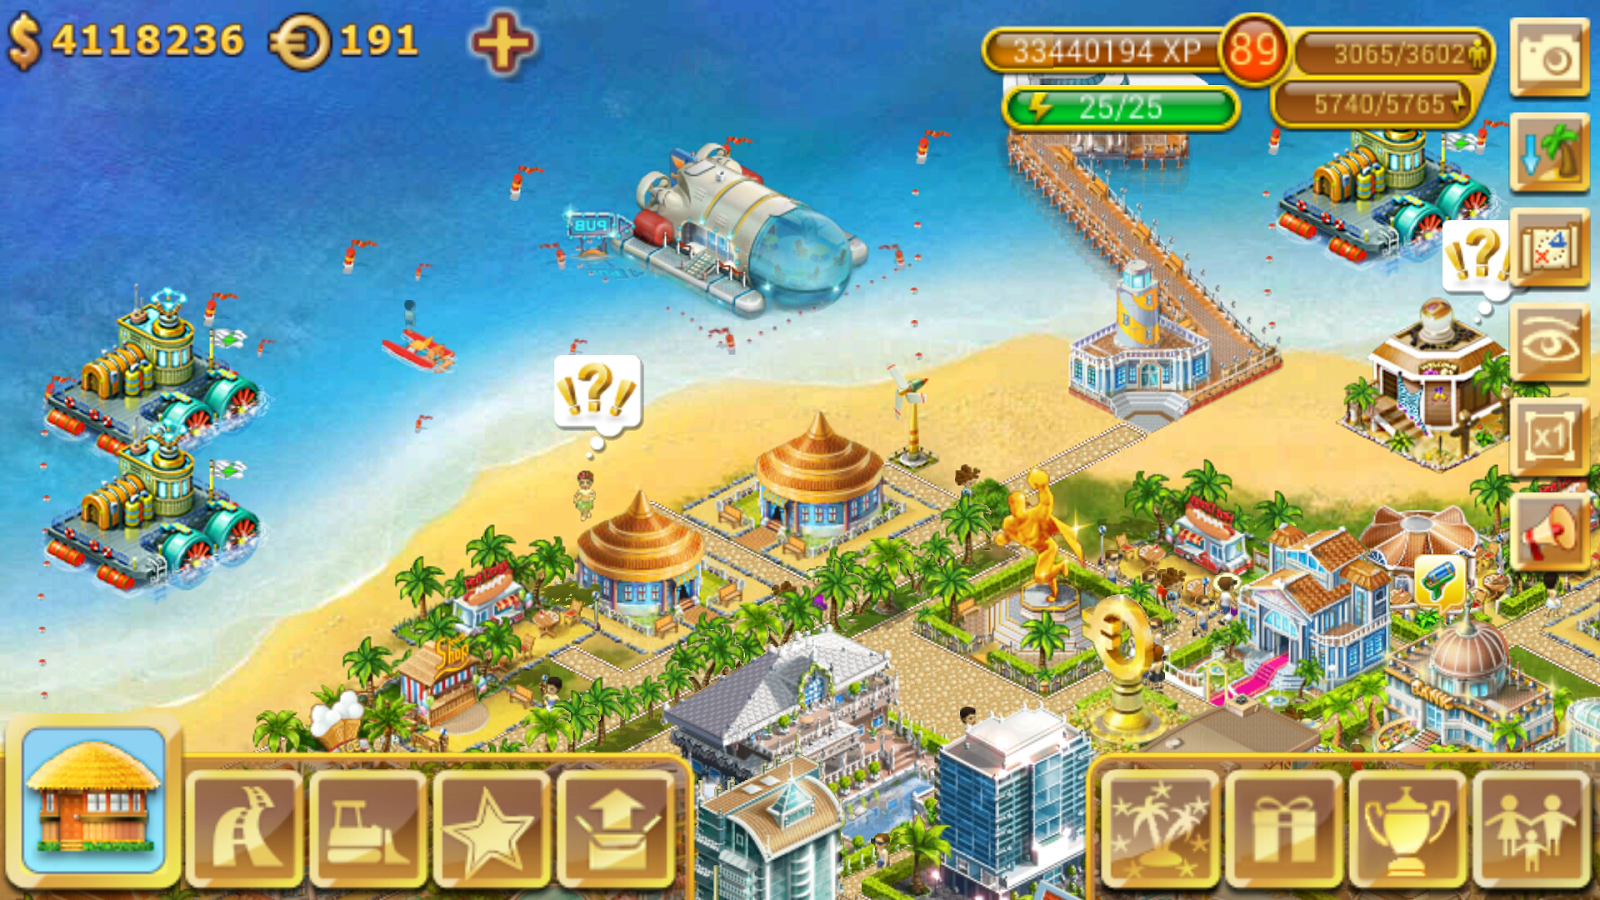 Скачать бесплатно игры на компьютер paradise island